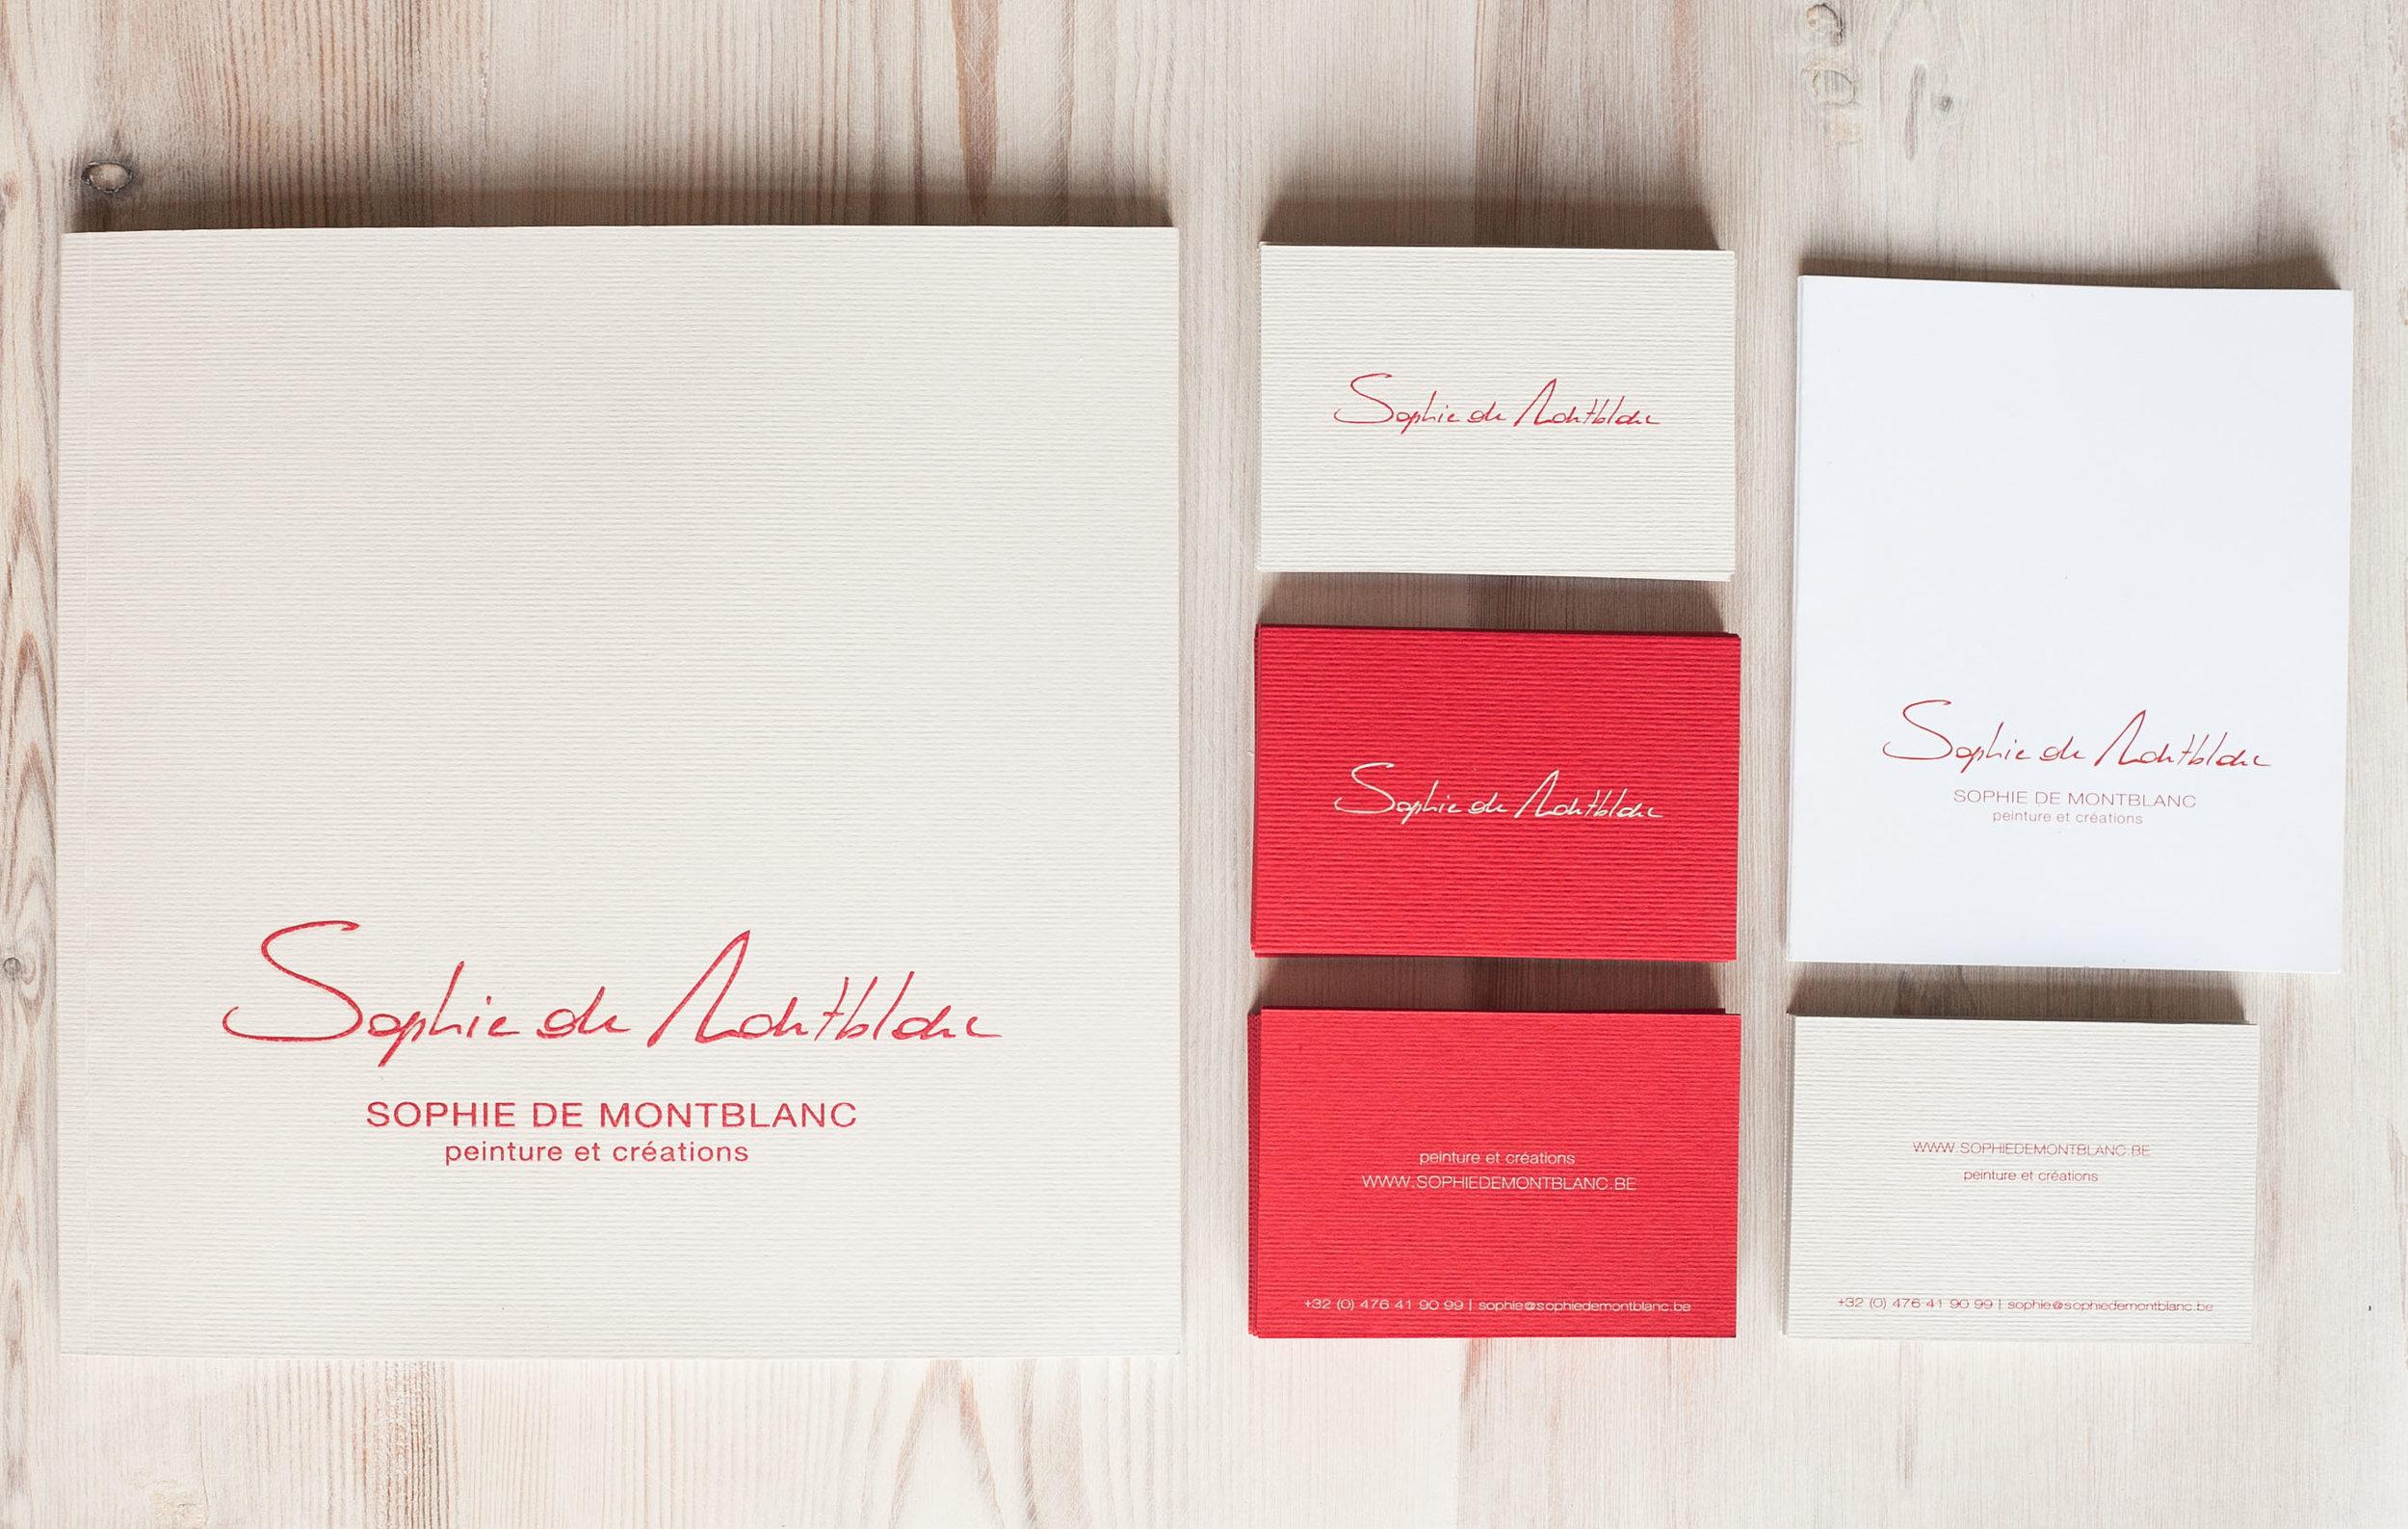 Sofie-De-Montblanc_Branding-VJS-Agency.jpg